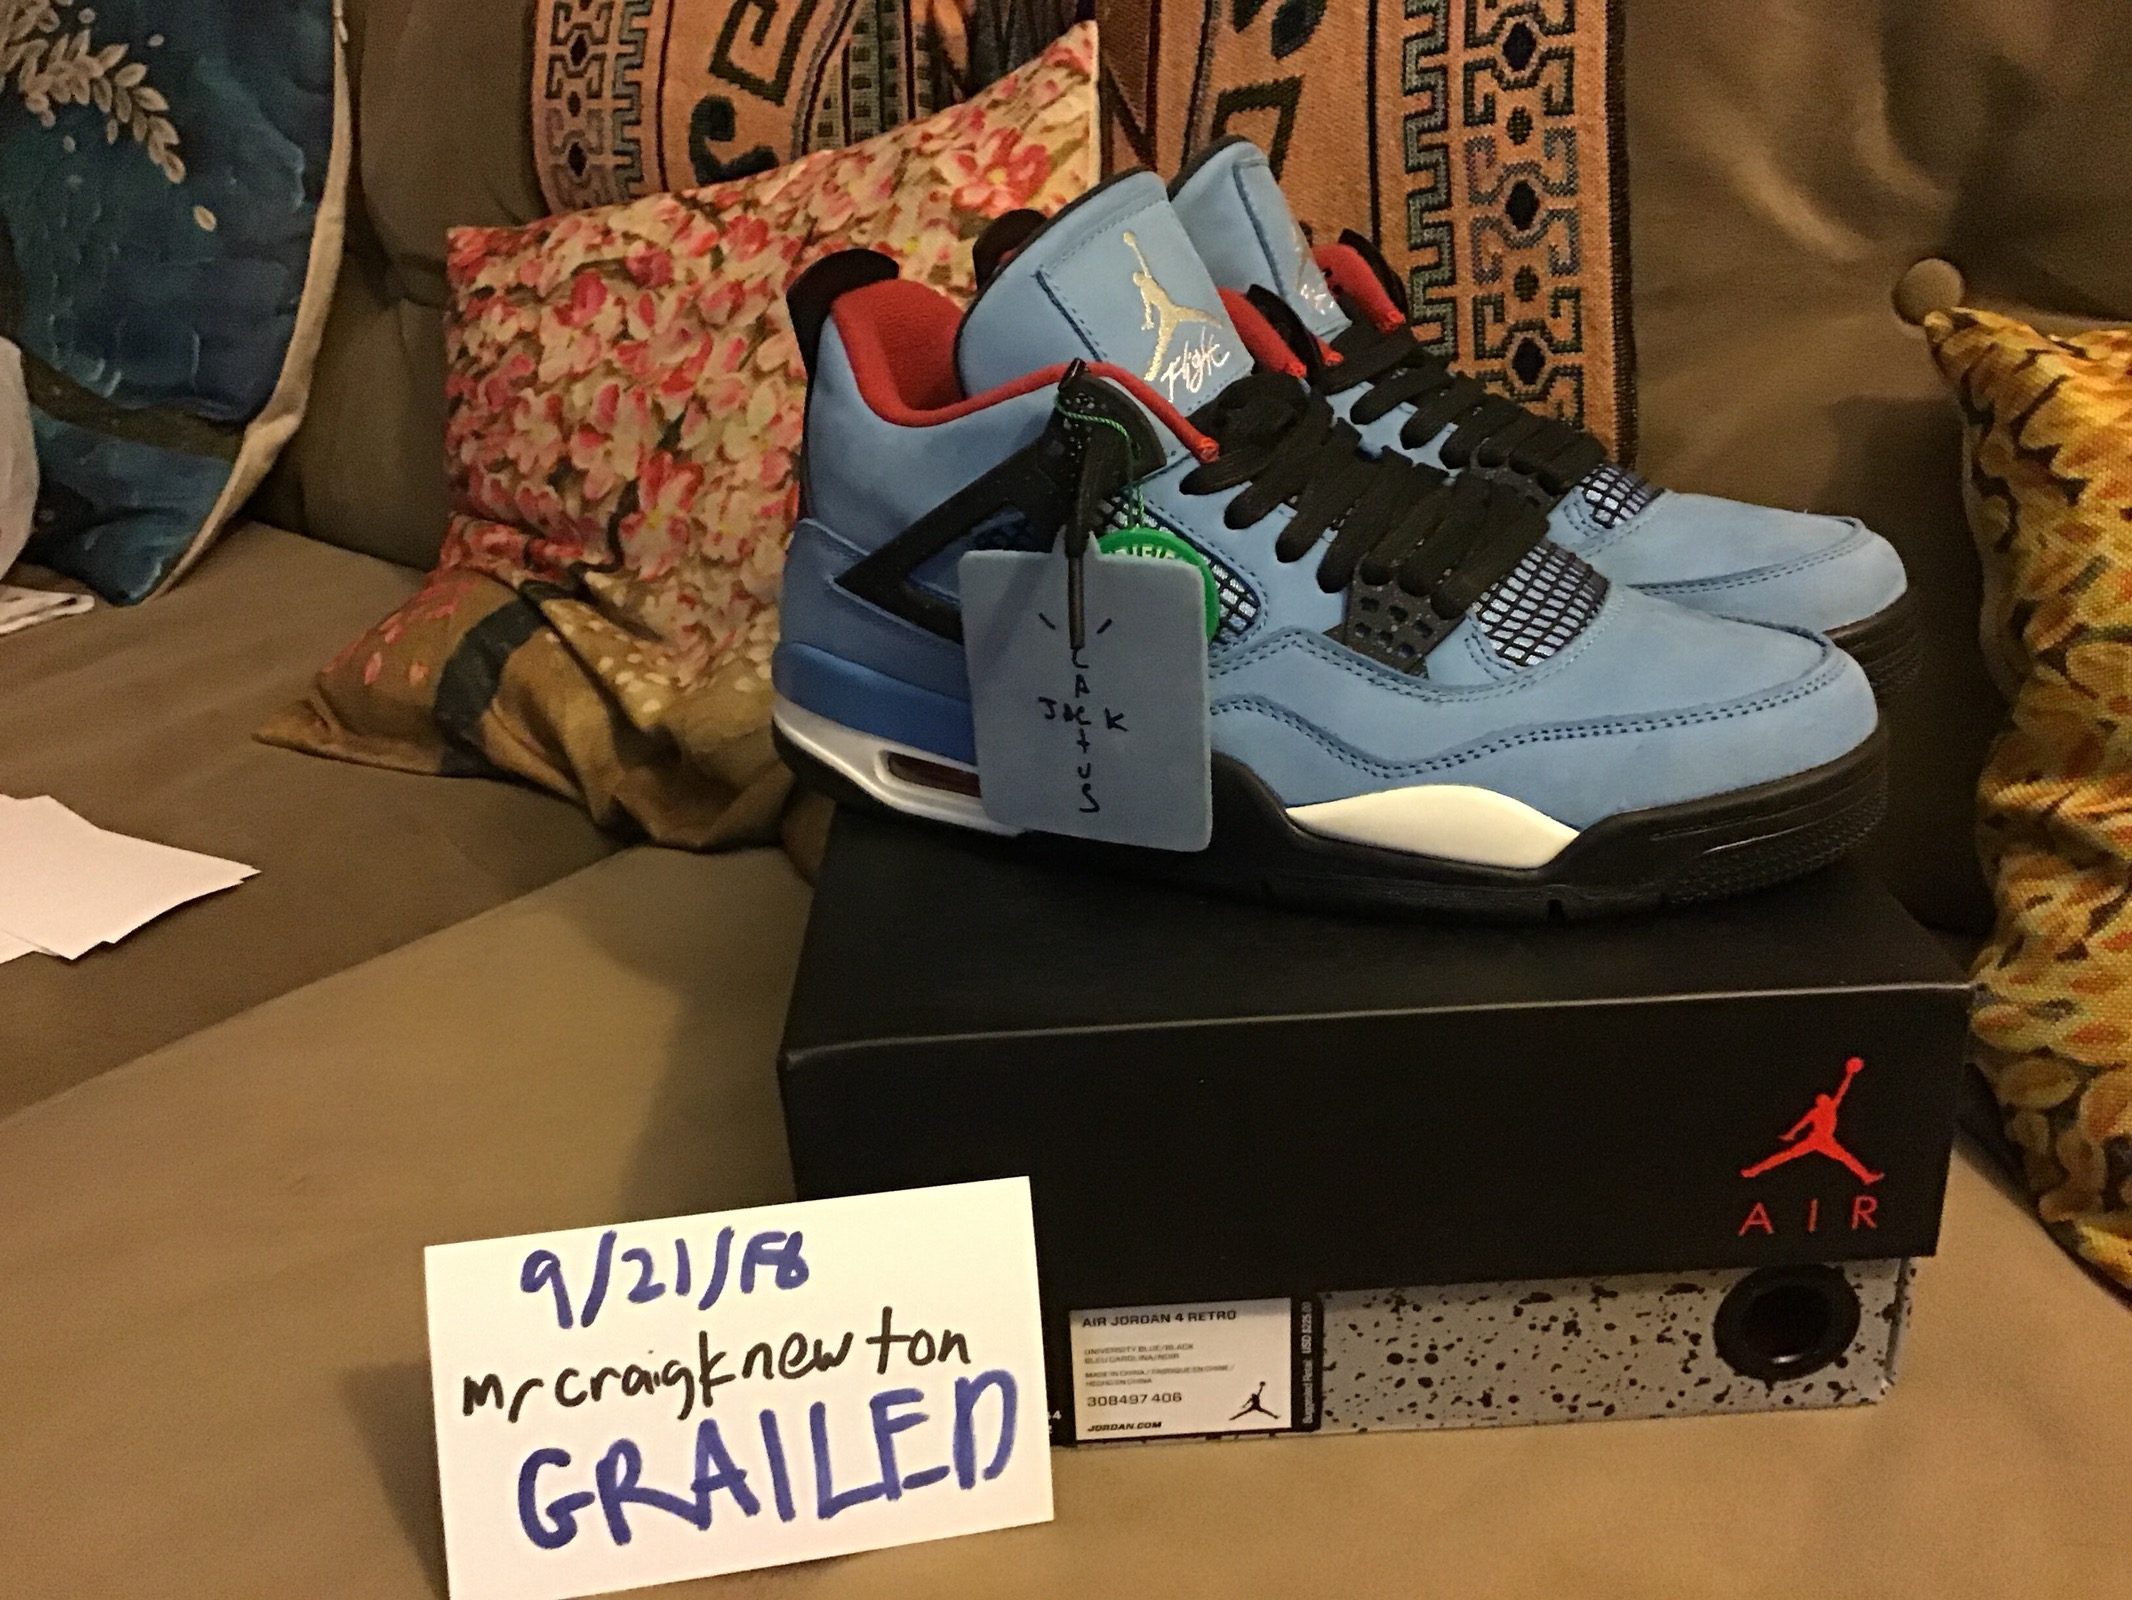 7042a4e27c5a Travis Scott Cactus Jack 4s Travis Scott Air Jordan Size 10 - Low-Top  Sneakers for Sale - Grailed